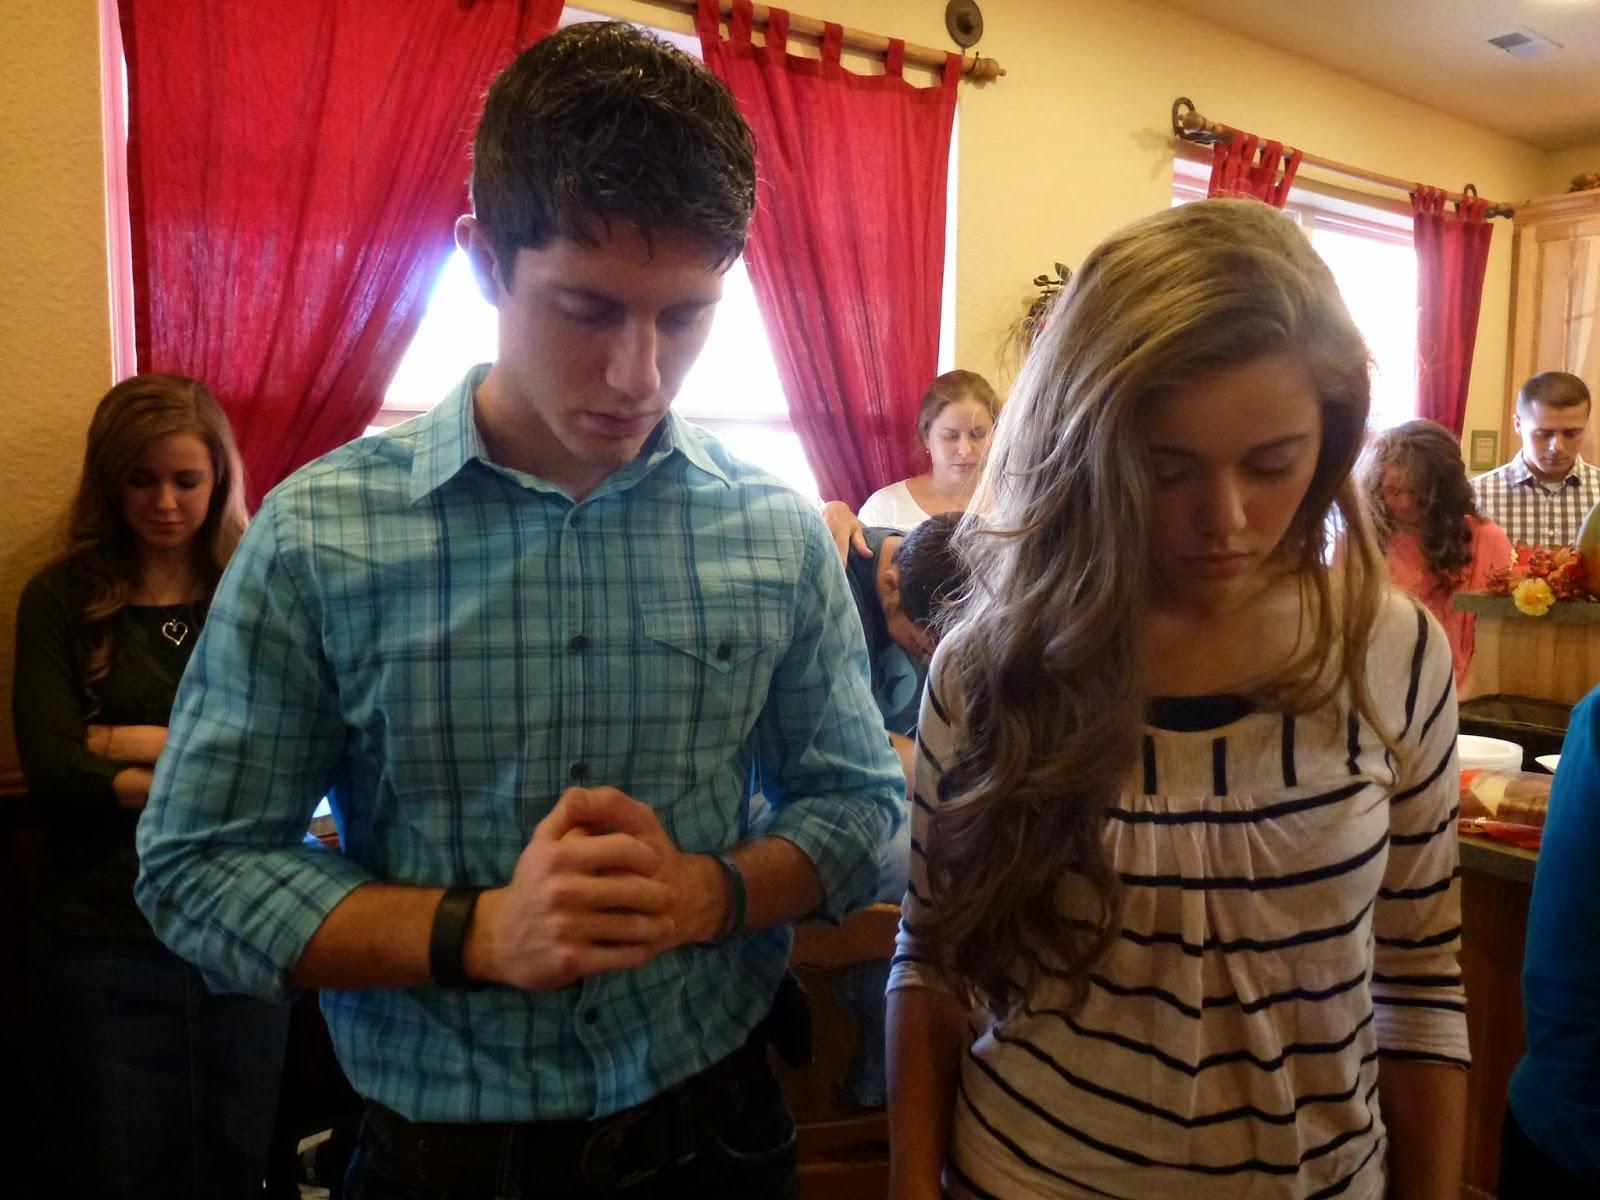 John David Duggar And Erin Bates Engaged Praying at the bates' house